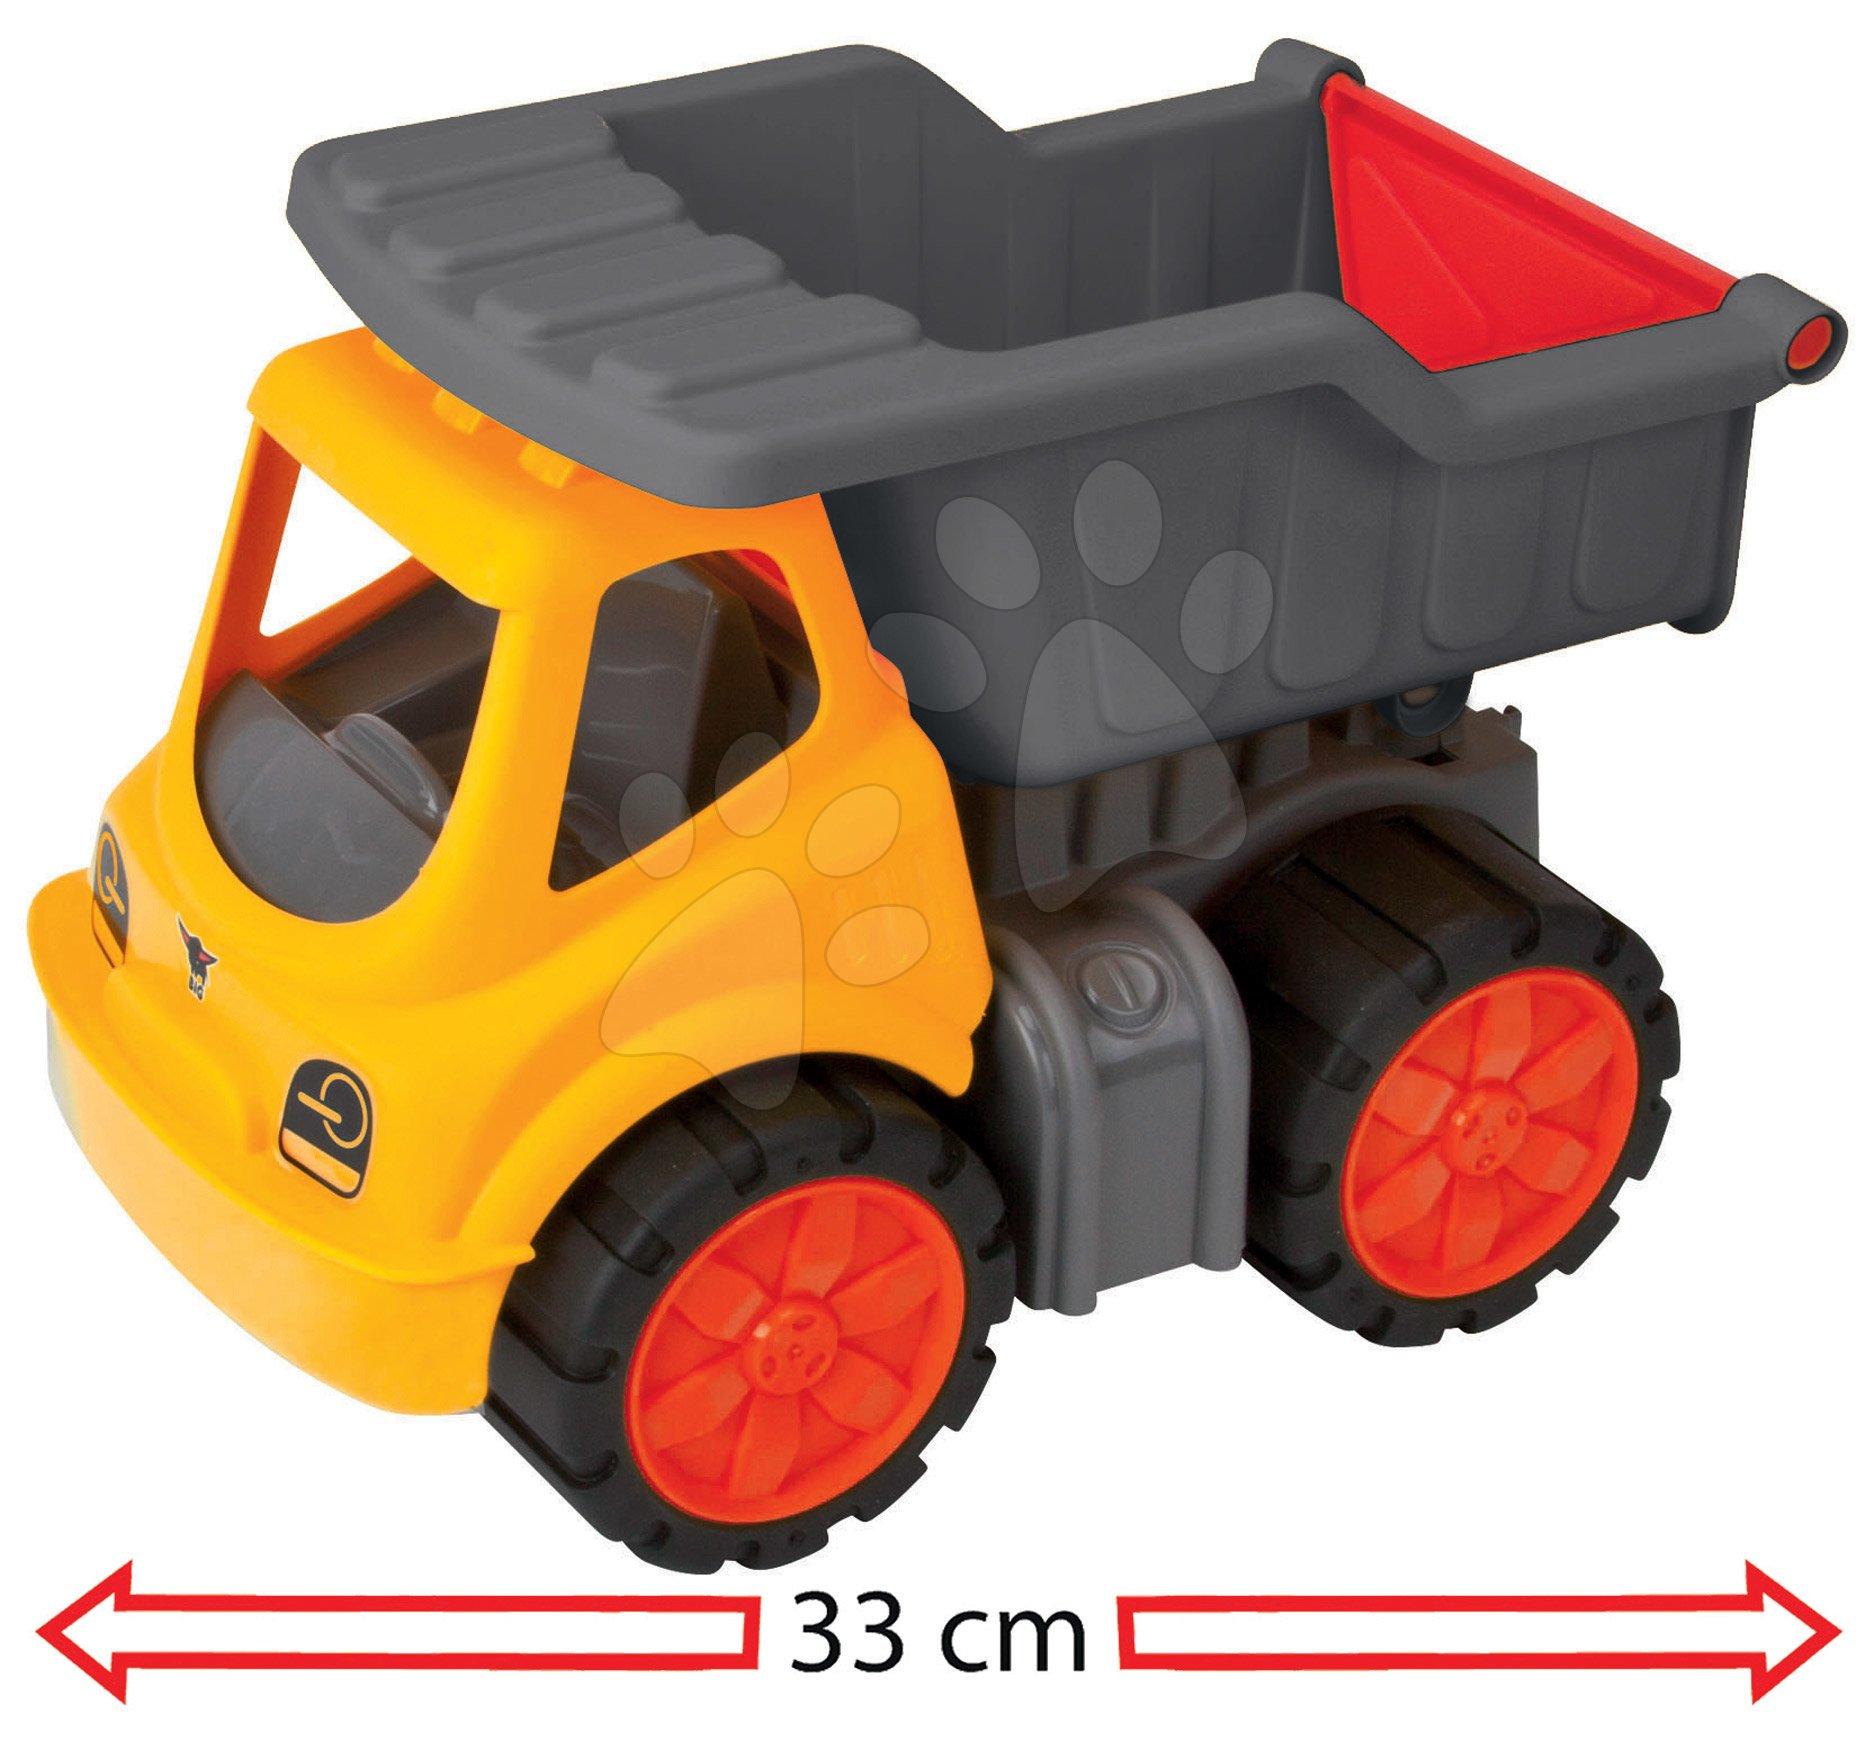 Teherautók - Teherautó Dumper Power Worker BIG munkagép 33 cm gumikerekekkel 2 éves kortól